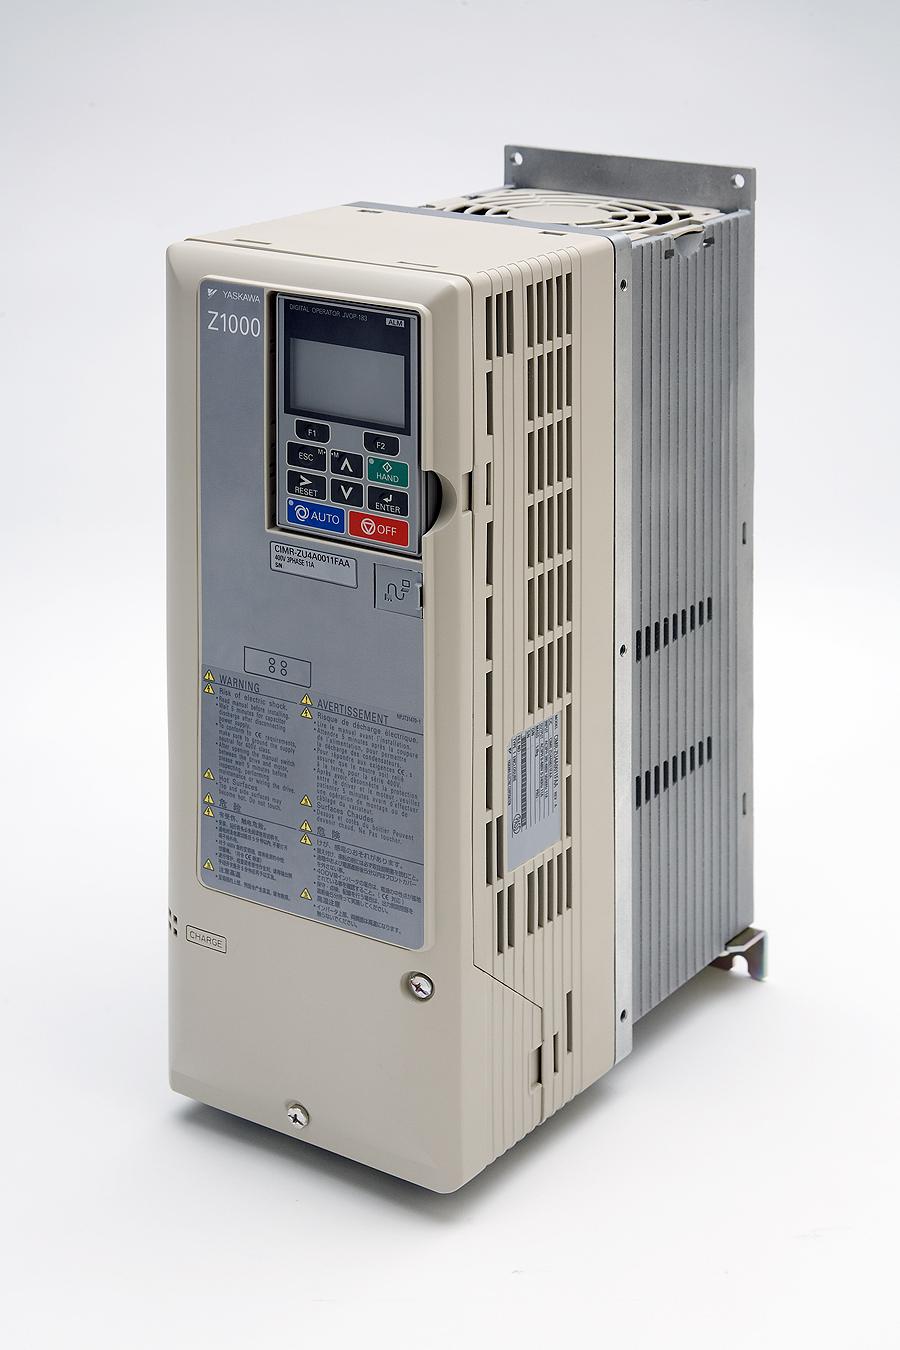 Variador de Frecuencia Z1000, Variadores Chile, HVAC, Yaskawa, Drive, Inversor, ventilacion, calefaccion, aire acondicionado